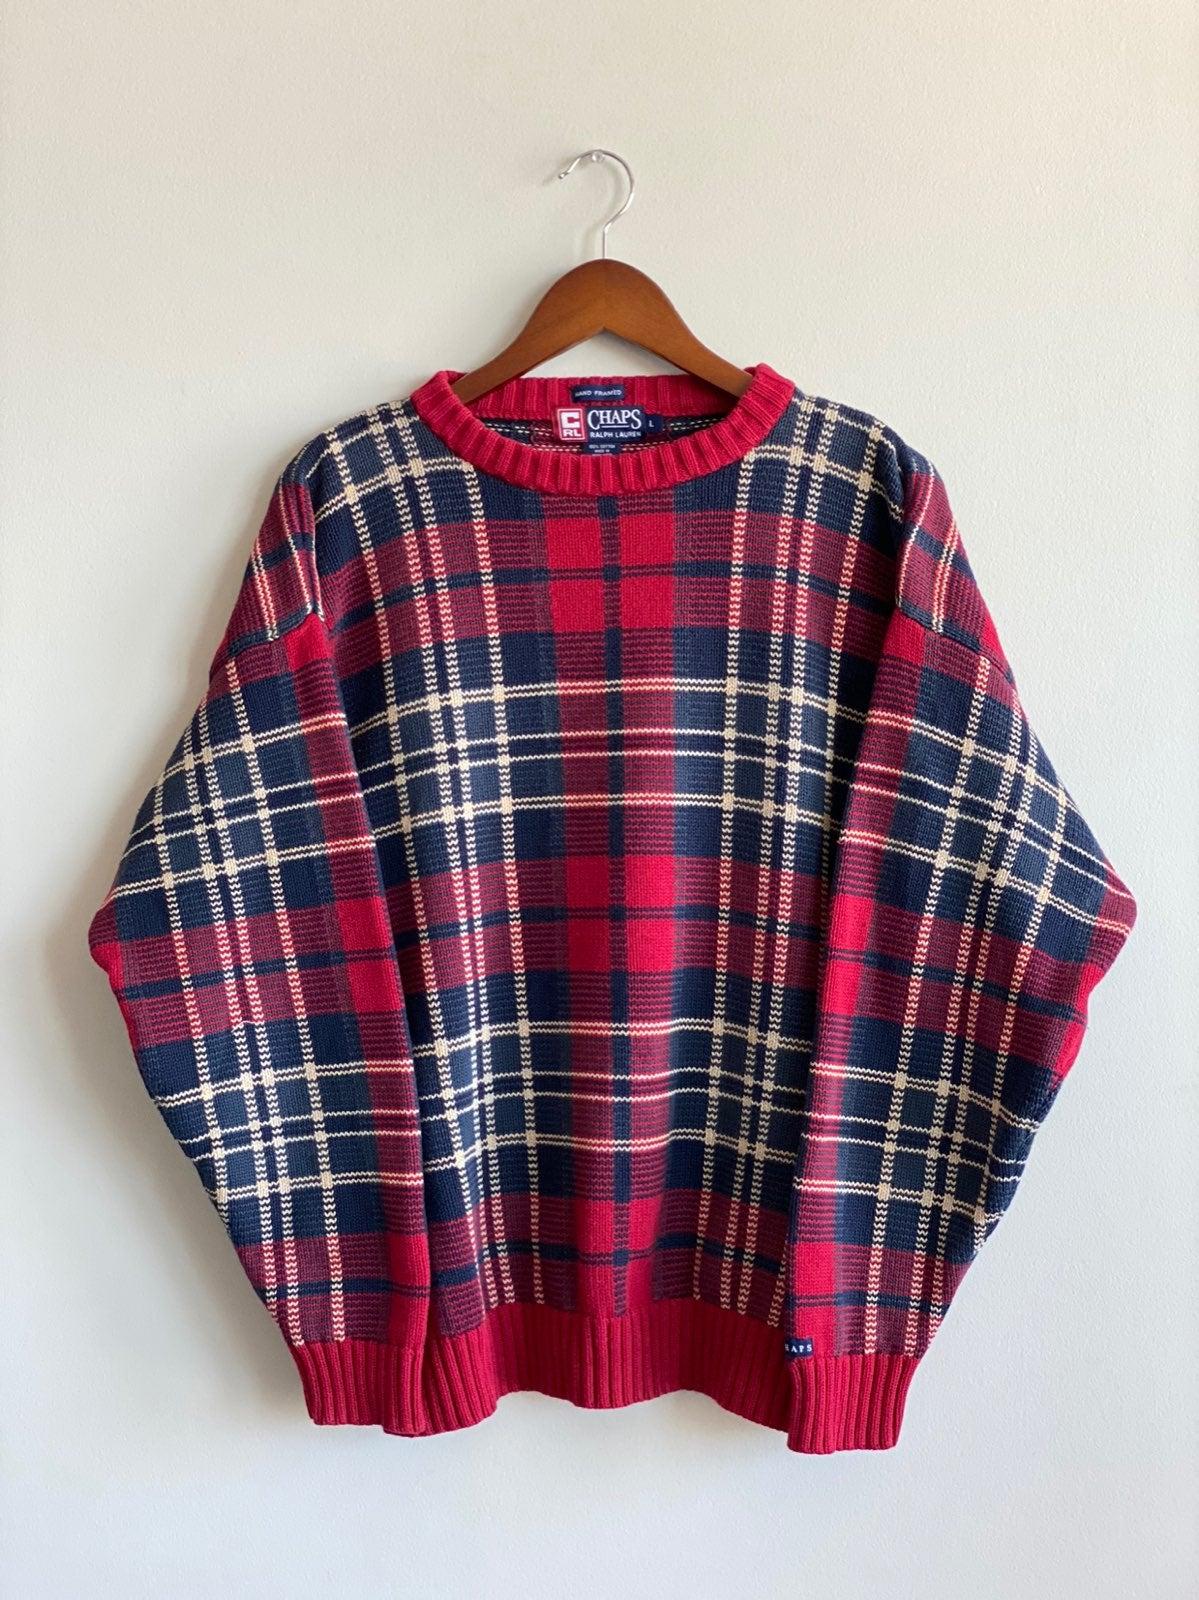 Vintage Chaps Ralph Lauren Sweater